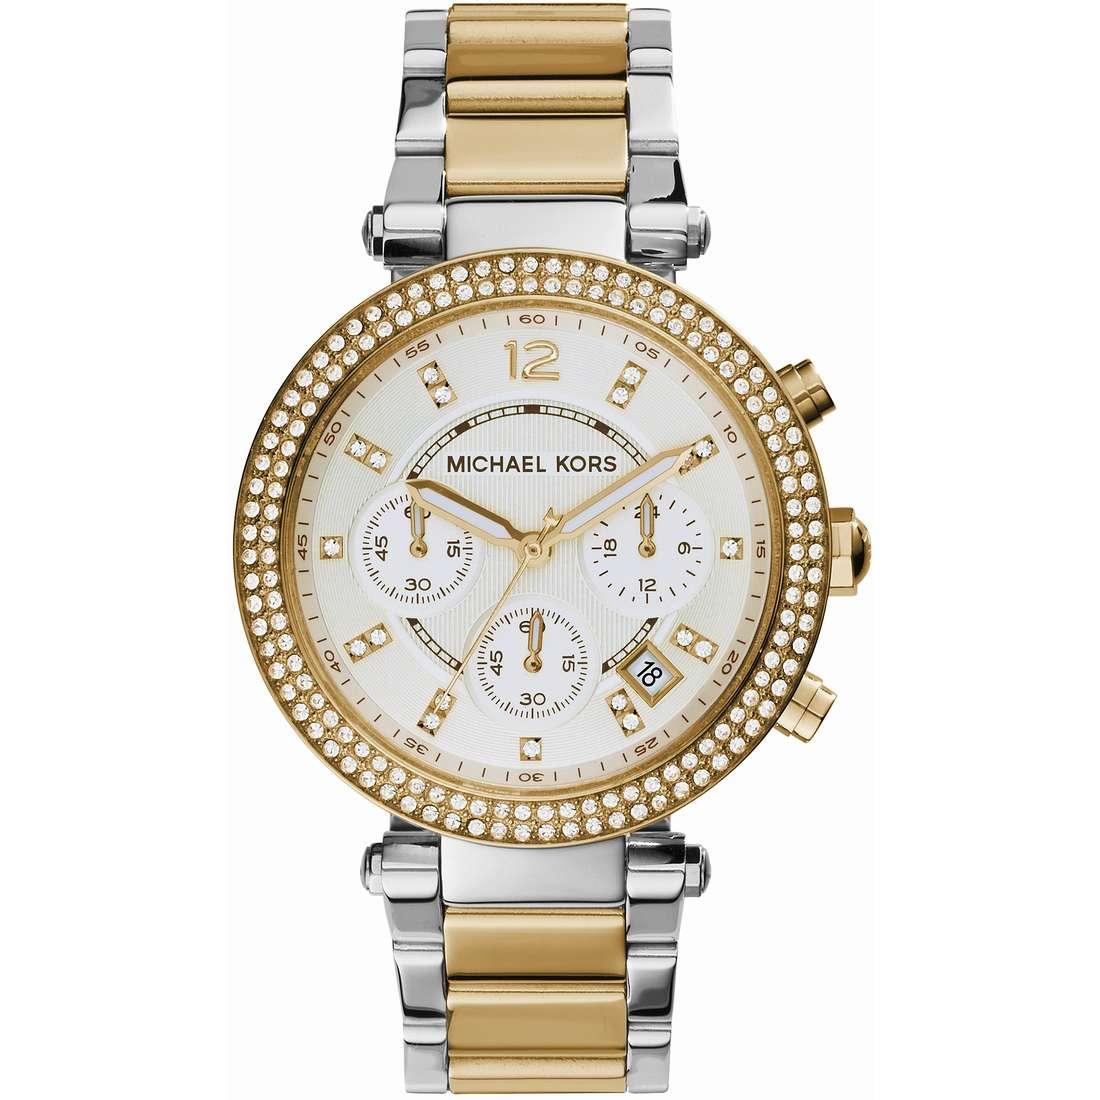 montre chronographe femme Michael Kors Spring 2013 MK5626